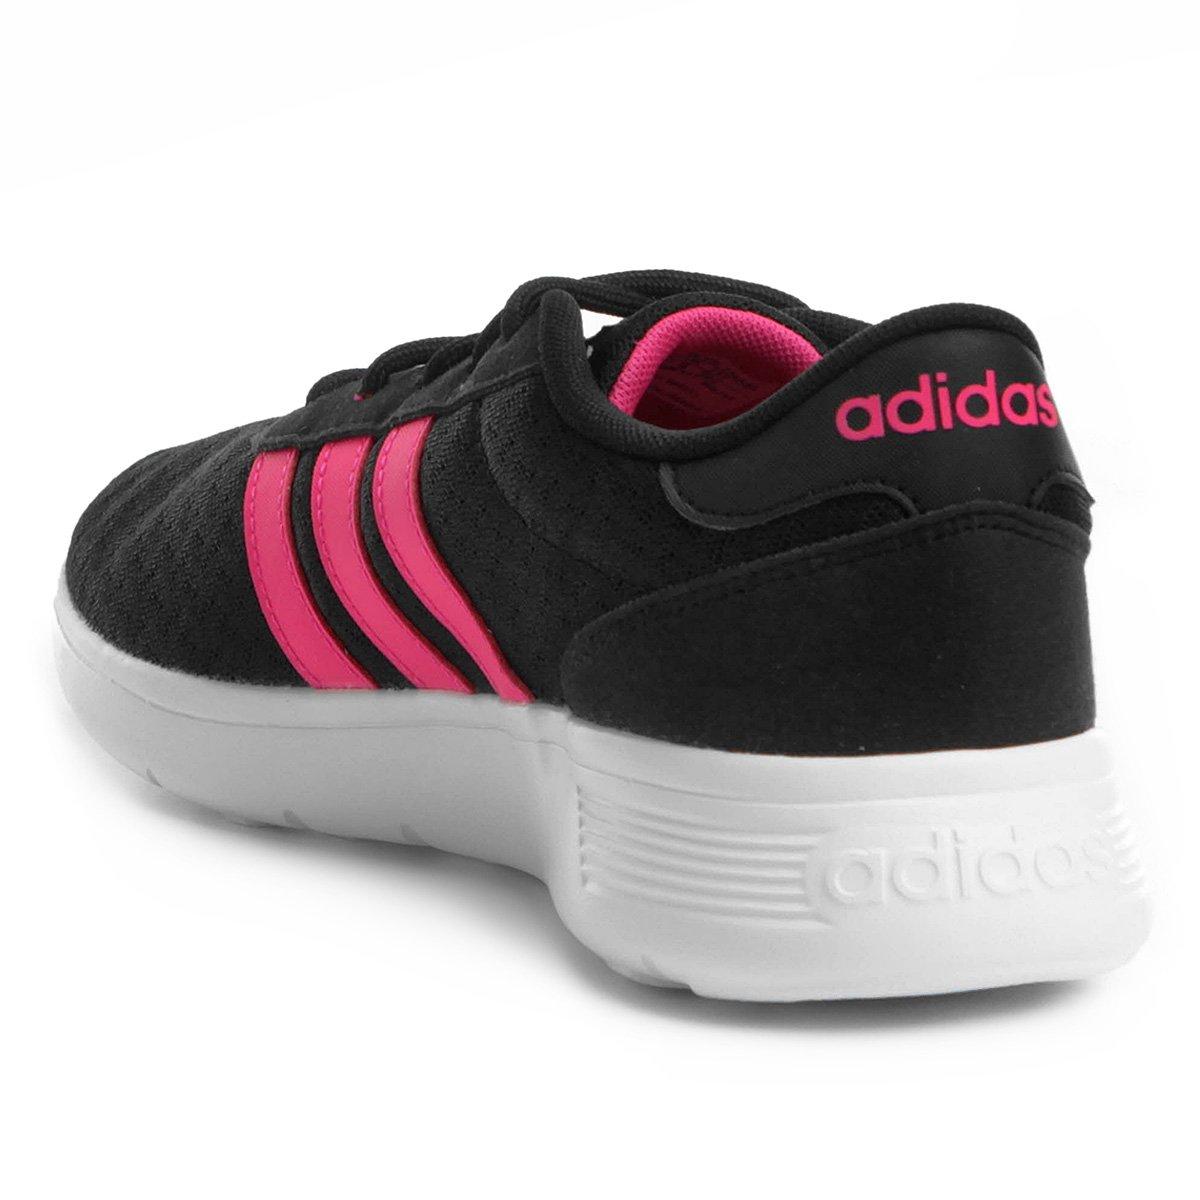 Tênis Adidas Lite Racer W Feminino - Compre Agora  17c8925b7e5f6